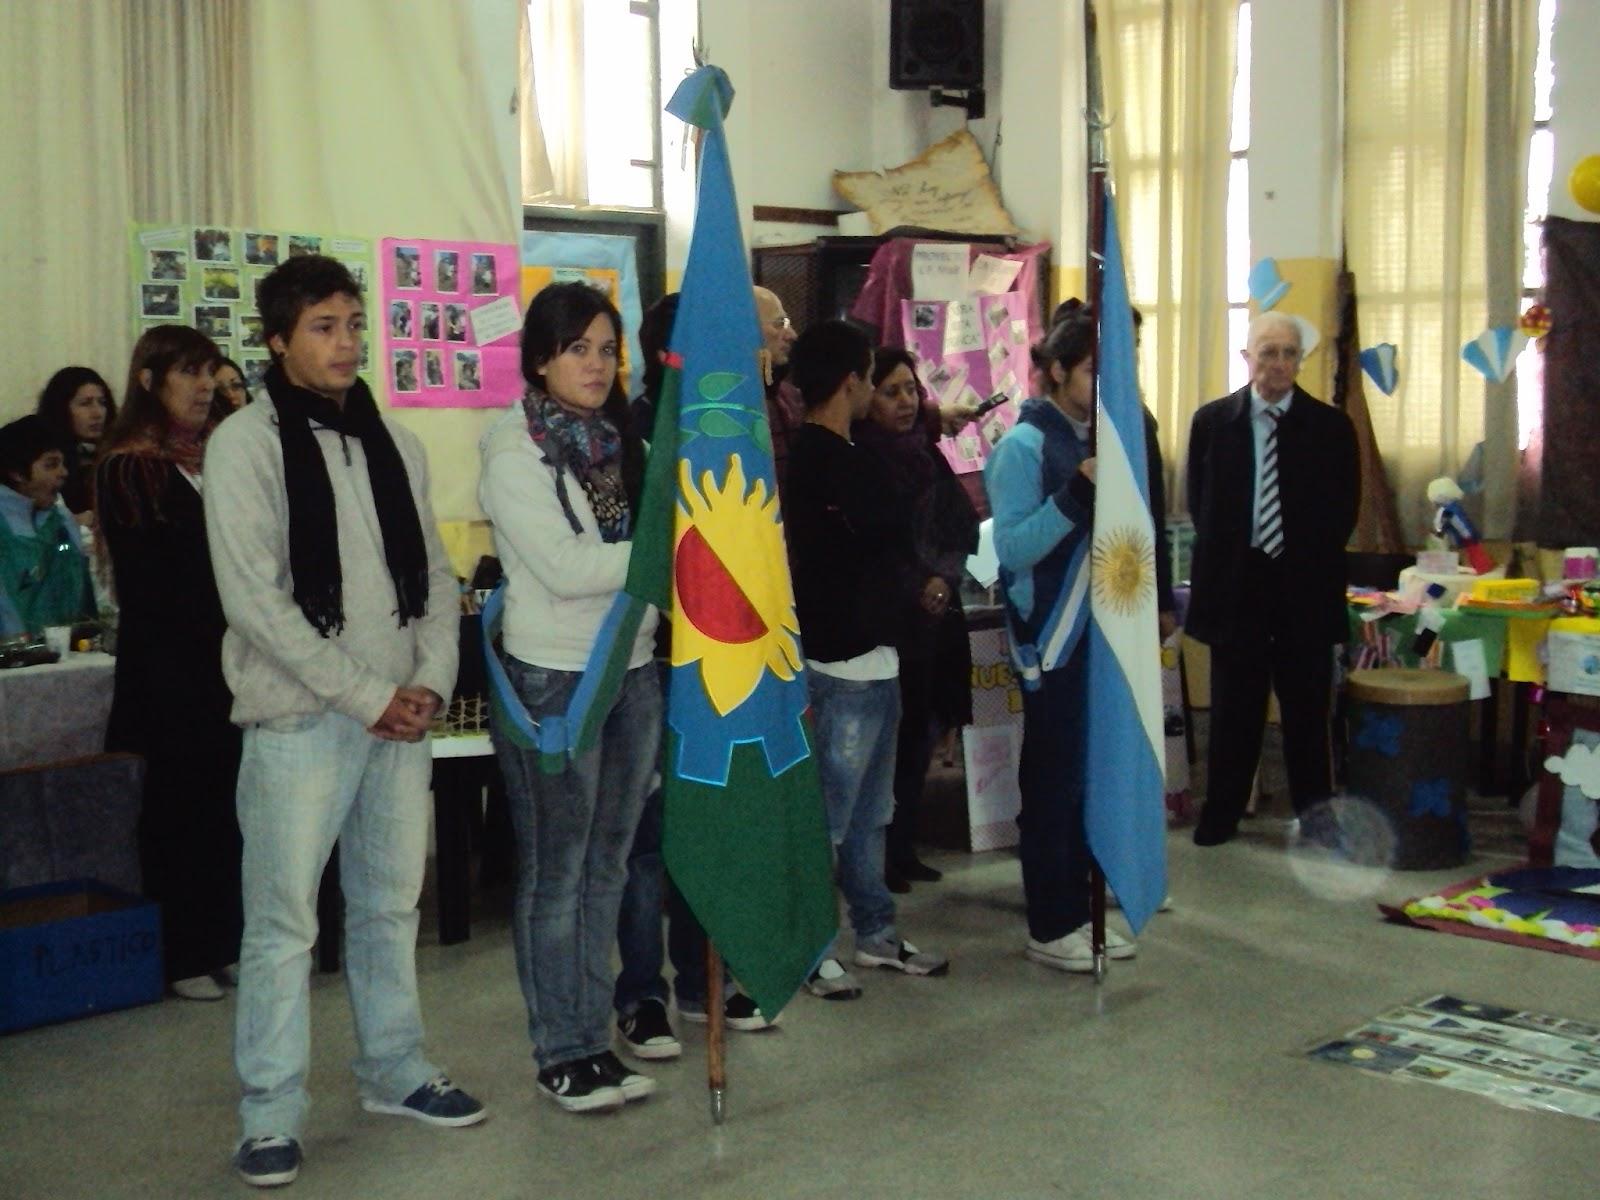 Secretaria de salud ambiental del pilar municipio saludable y sustentable d a mundial del - Centro de salud barrio del pilar ...